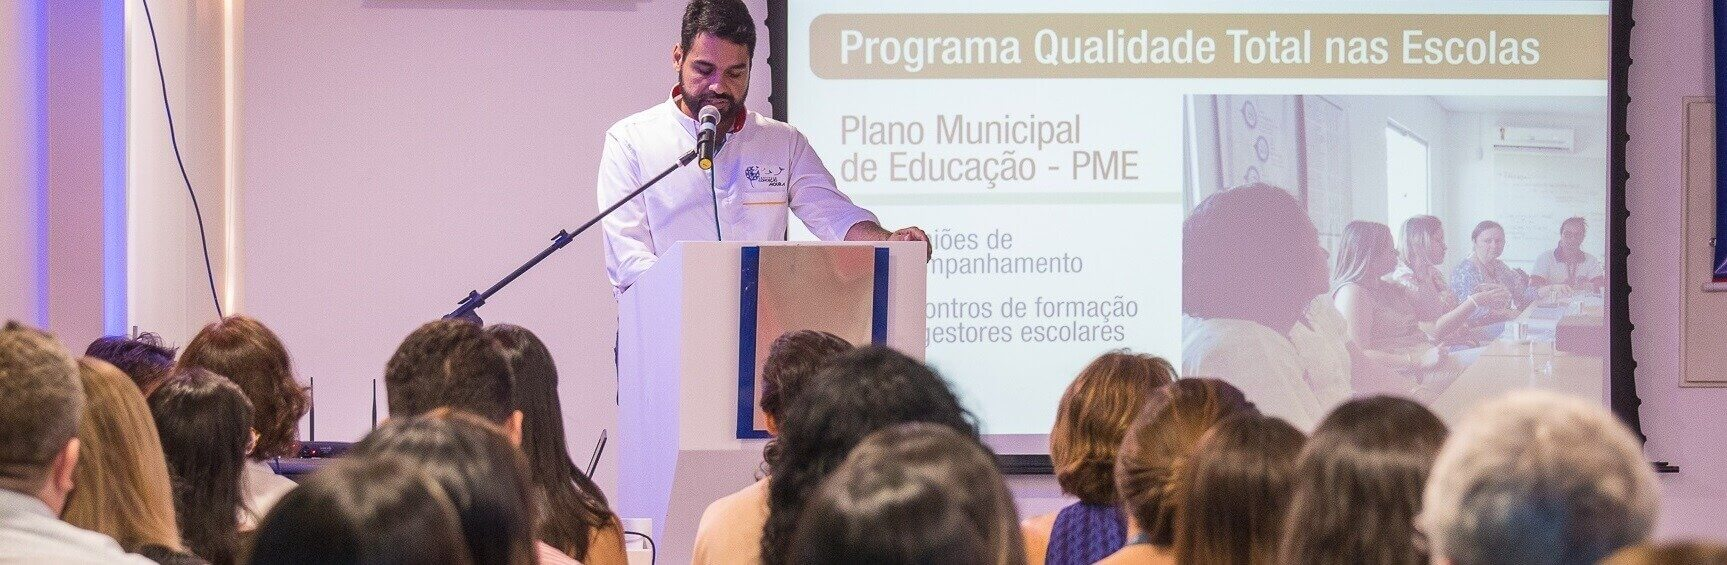 Instituto Conceição Moura apresenta balanço de ações